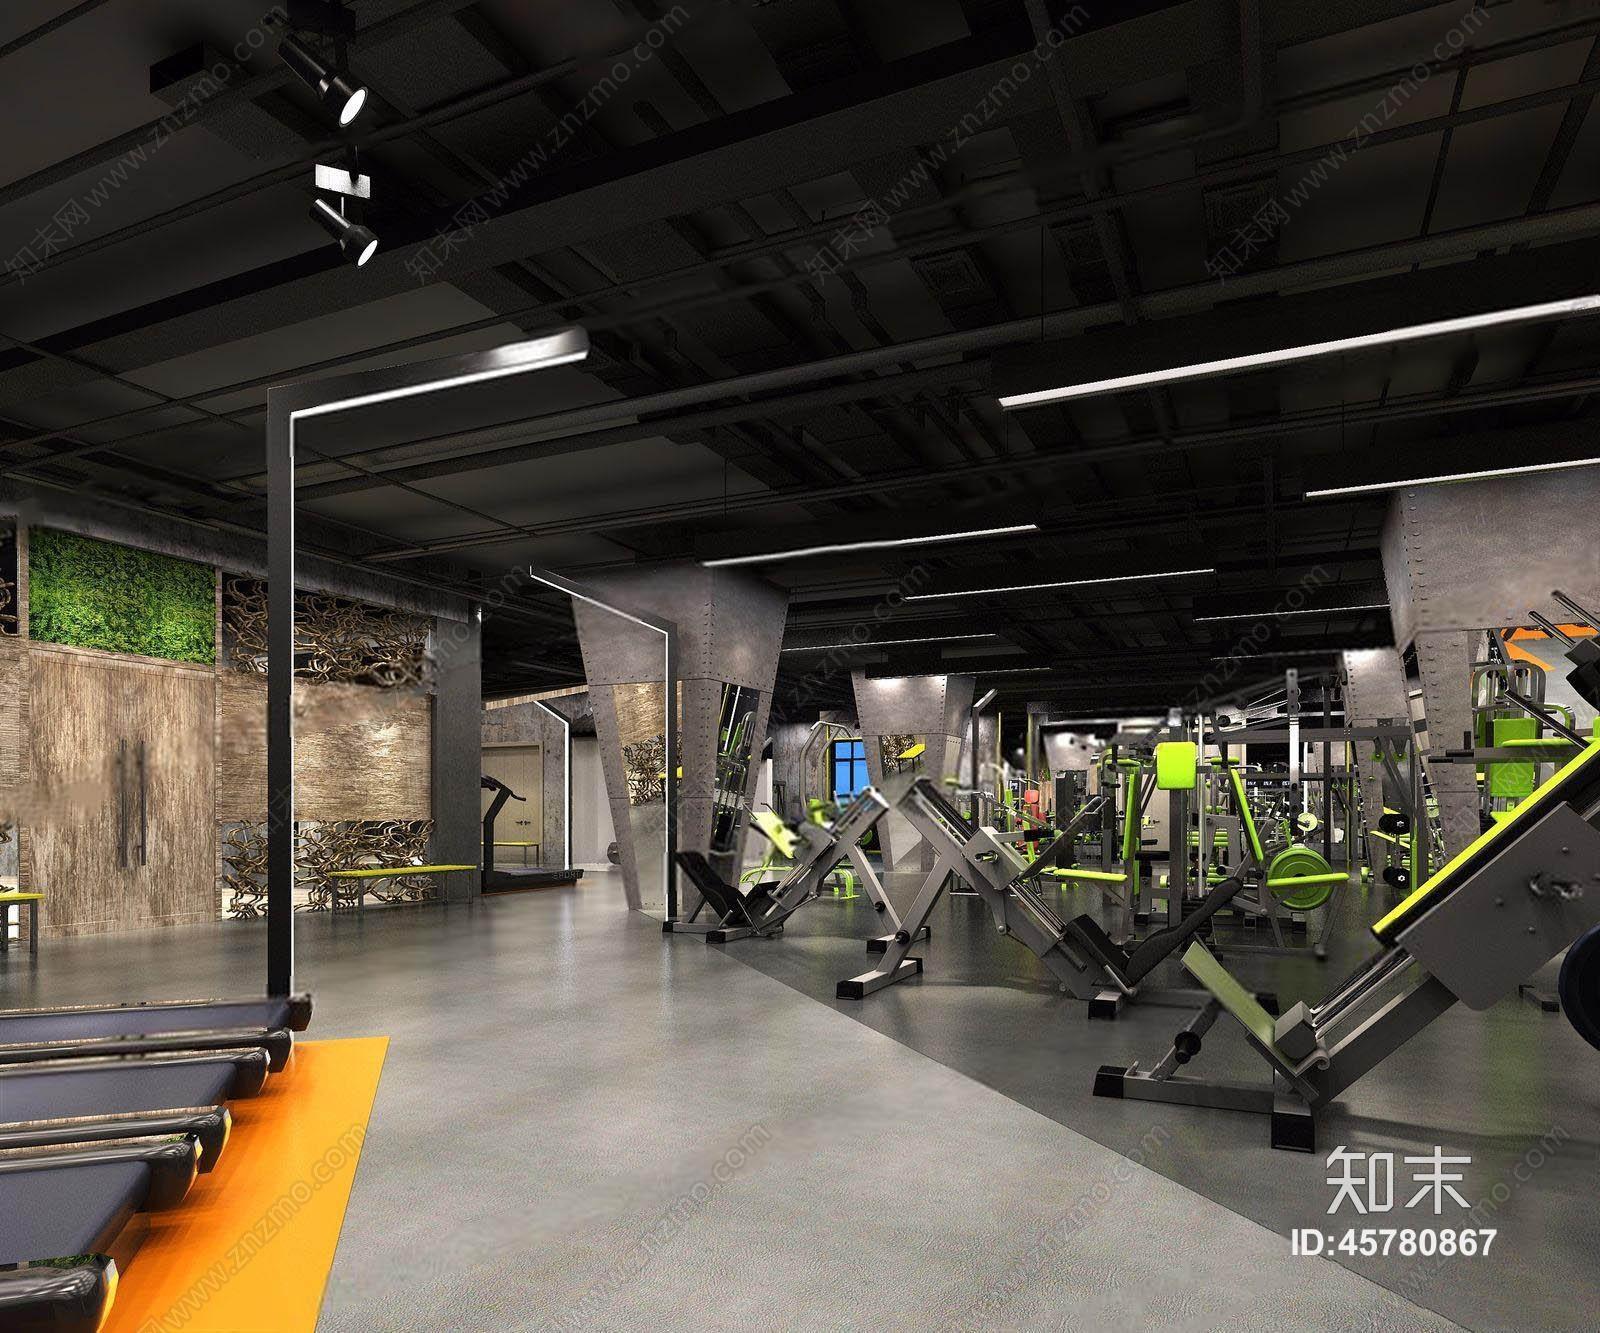 场健身器材_工业风健身房 健身馆 力量区 有氧区 运动器材 器械 跑步机 健身器材